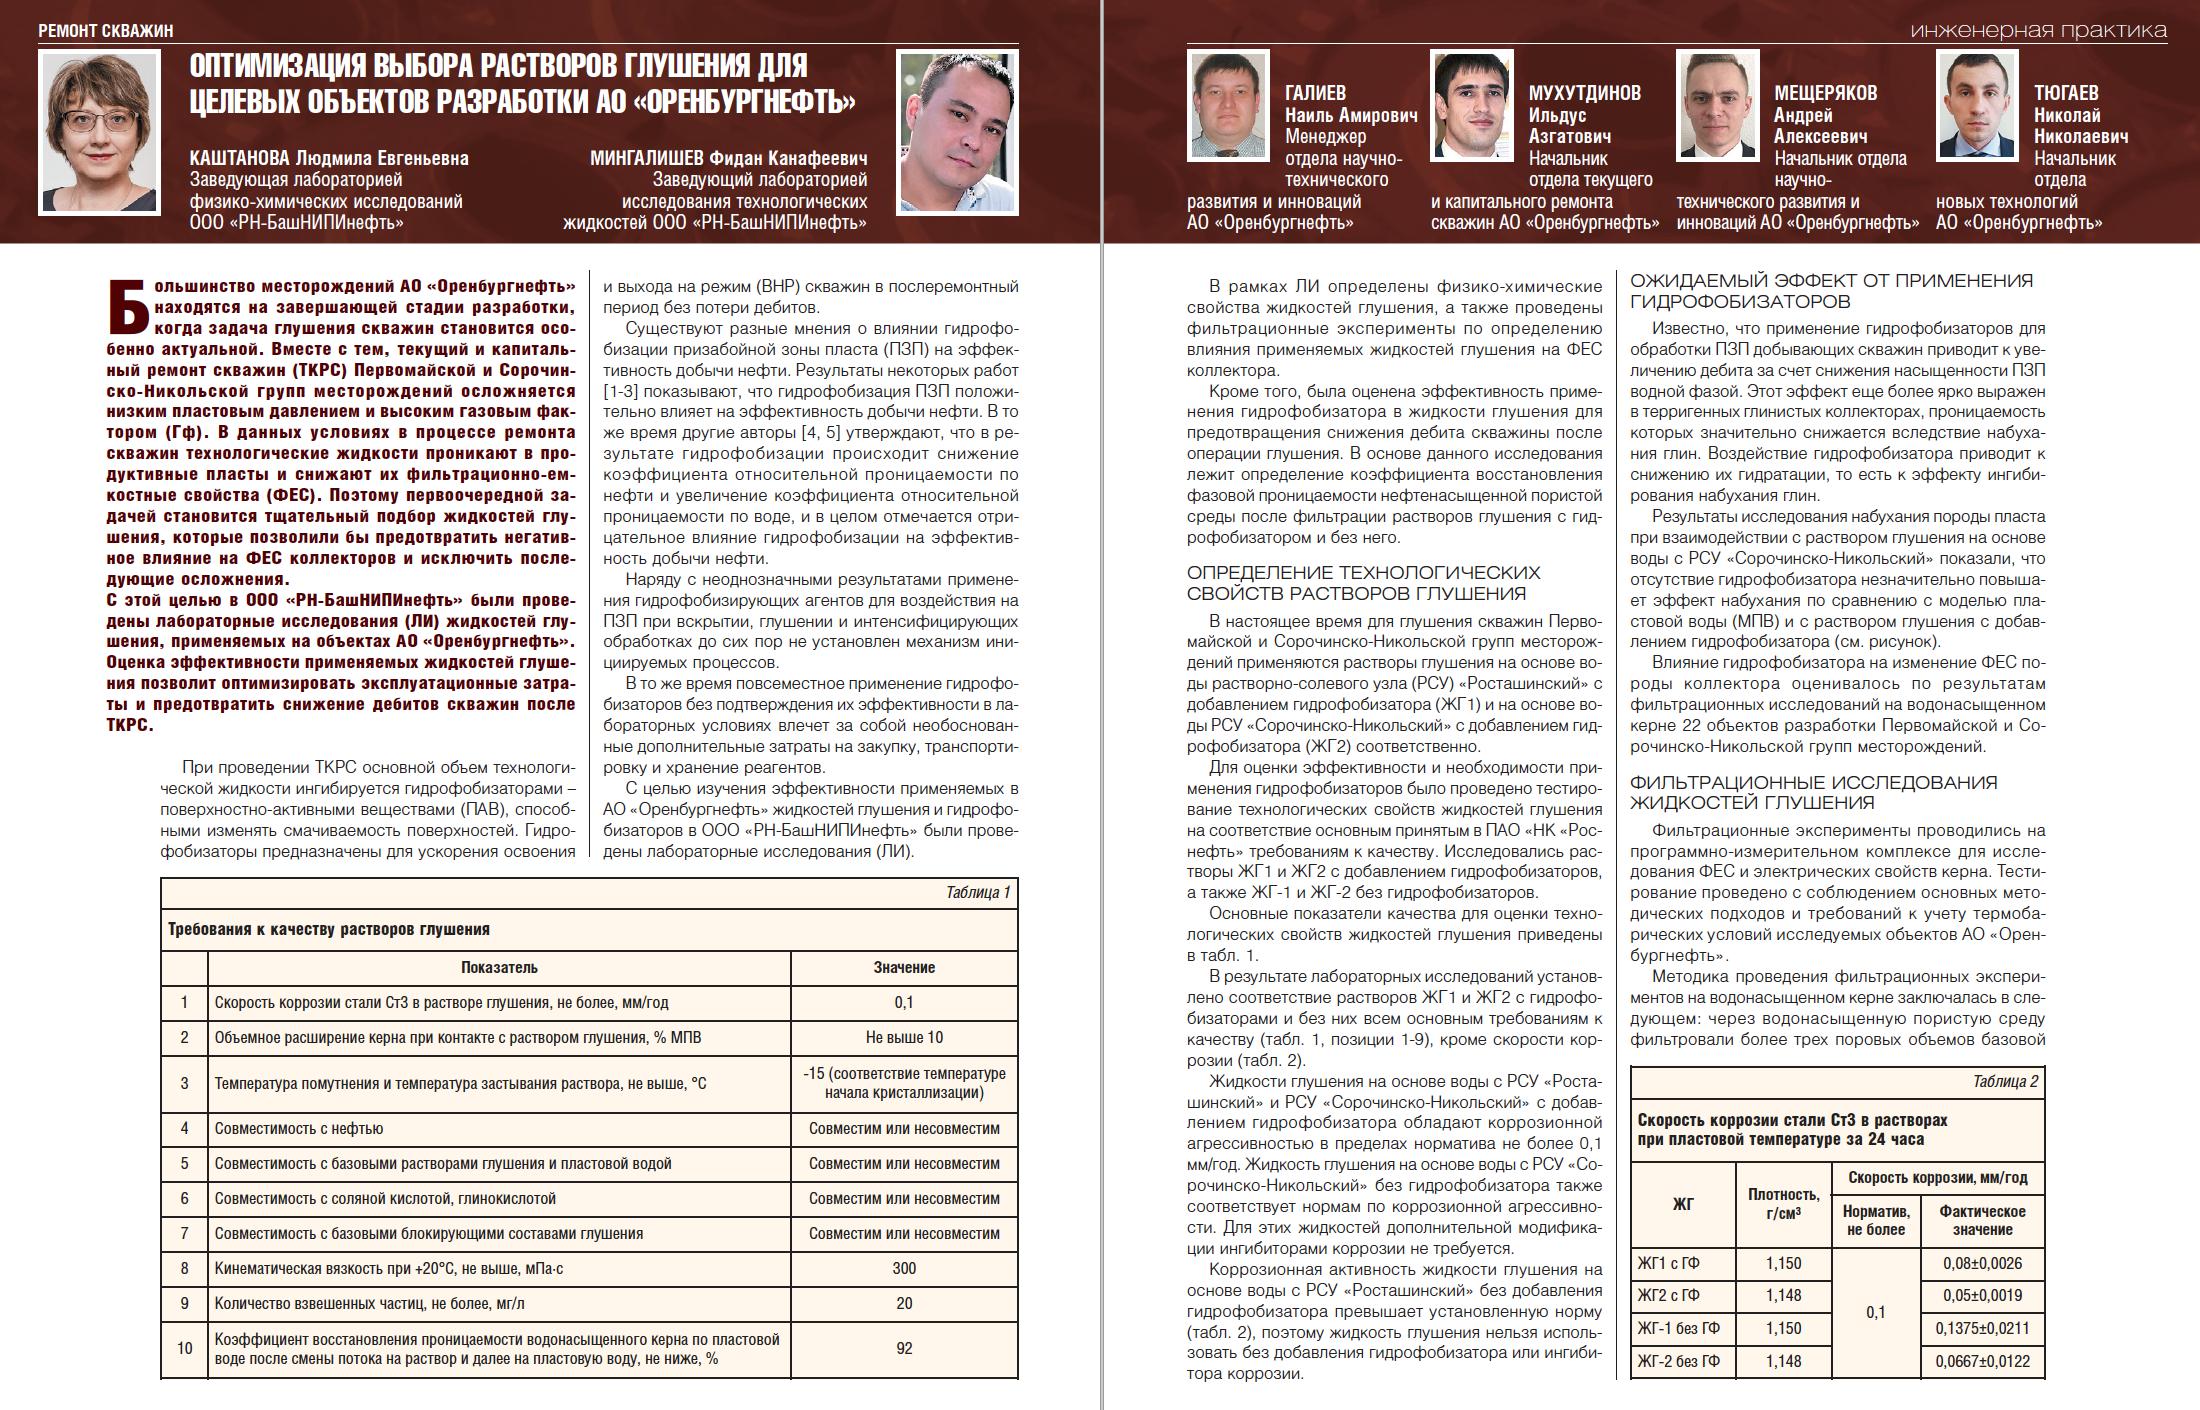 35641 Оптимизация выбора растворов глушения для целевых объектов разработки АО «Оренбургнефть»